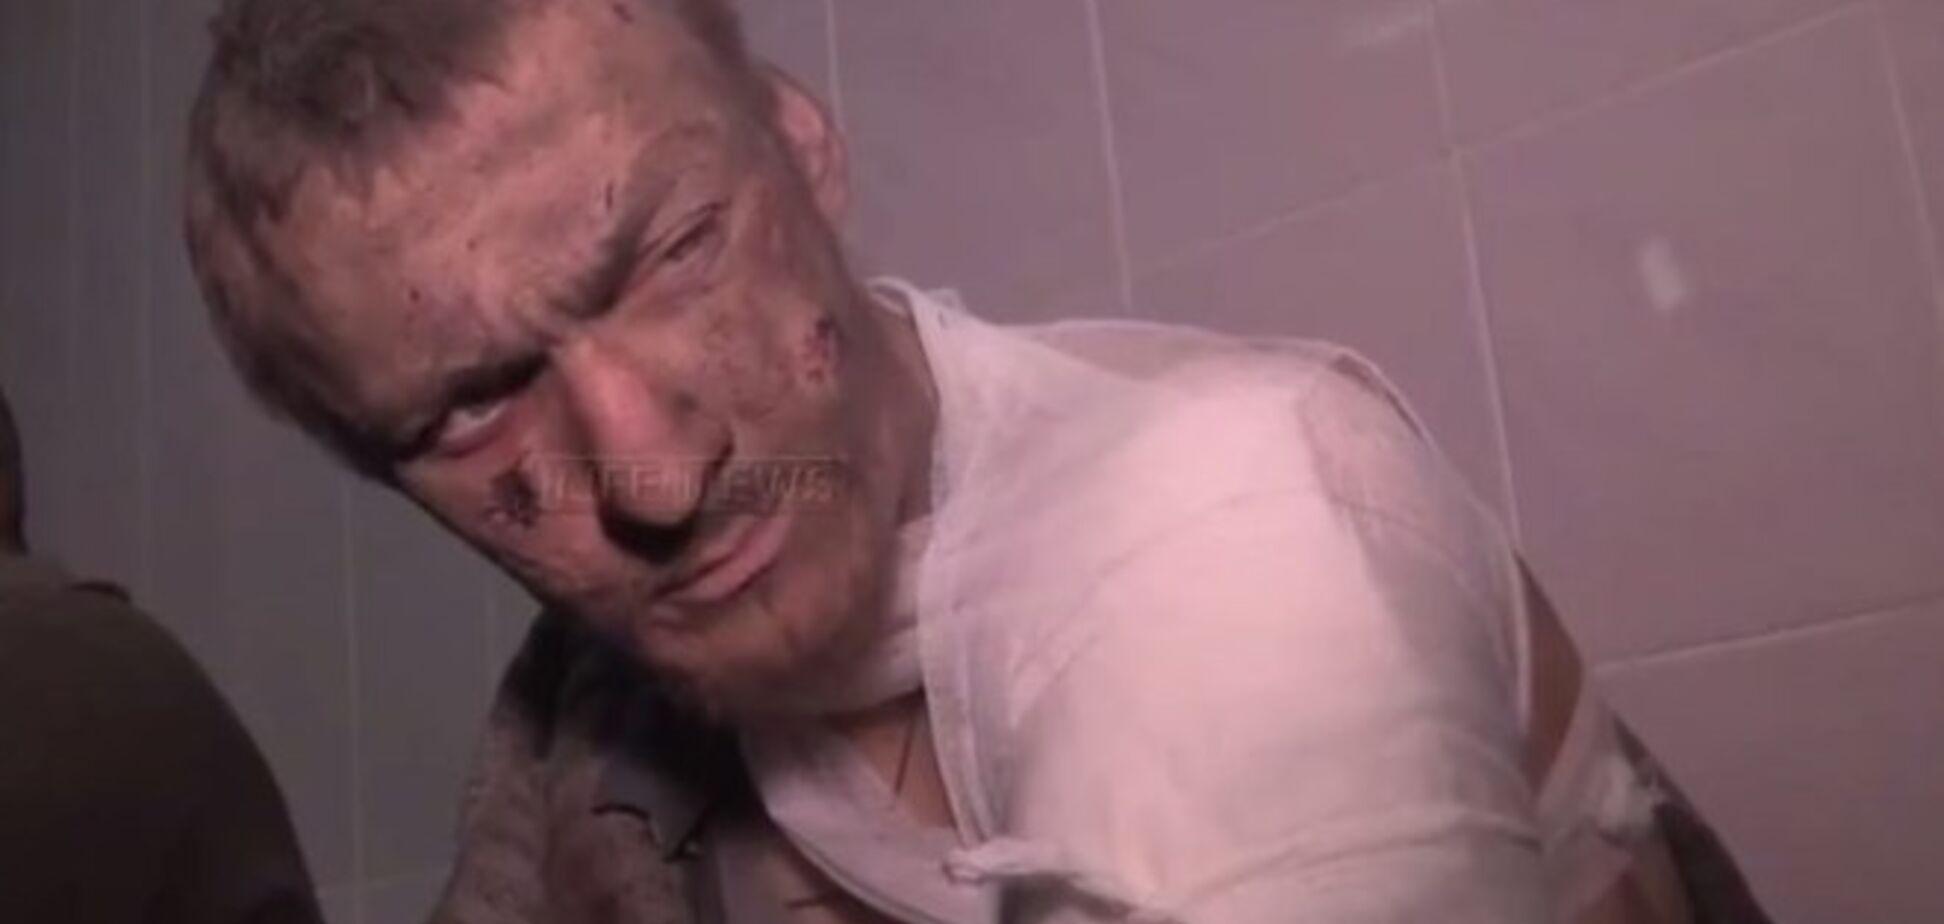 Пленный украинский военный достойно ответил на хамский допрос и провокации российского СМИ: видеофакт